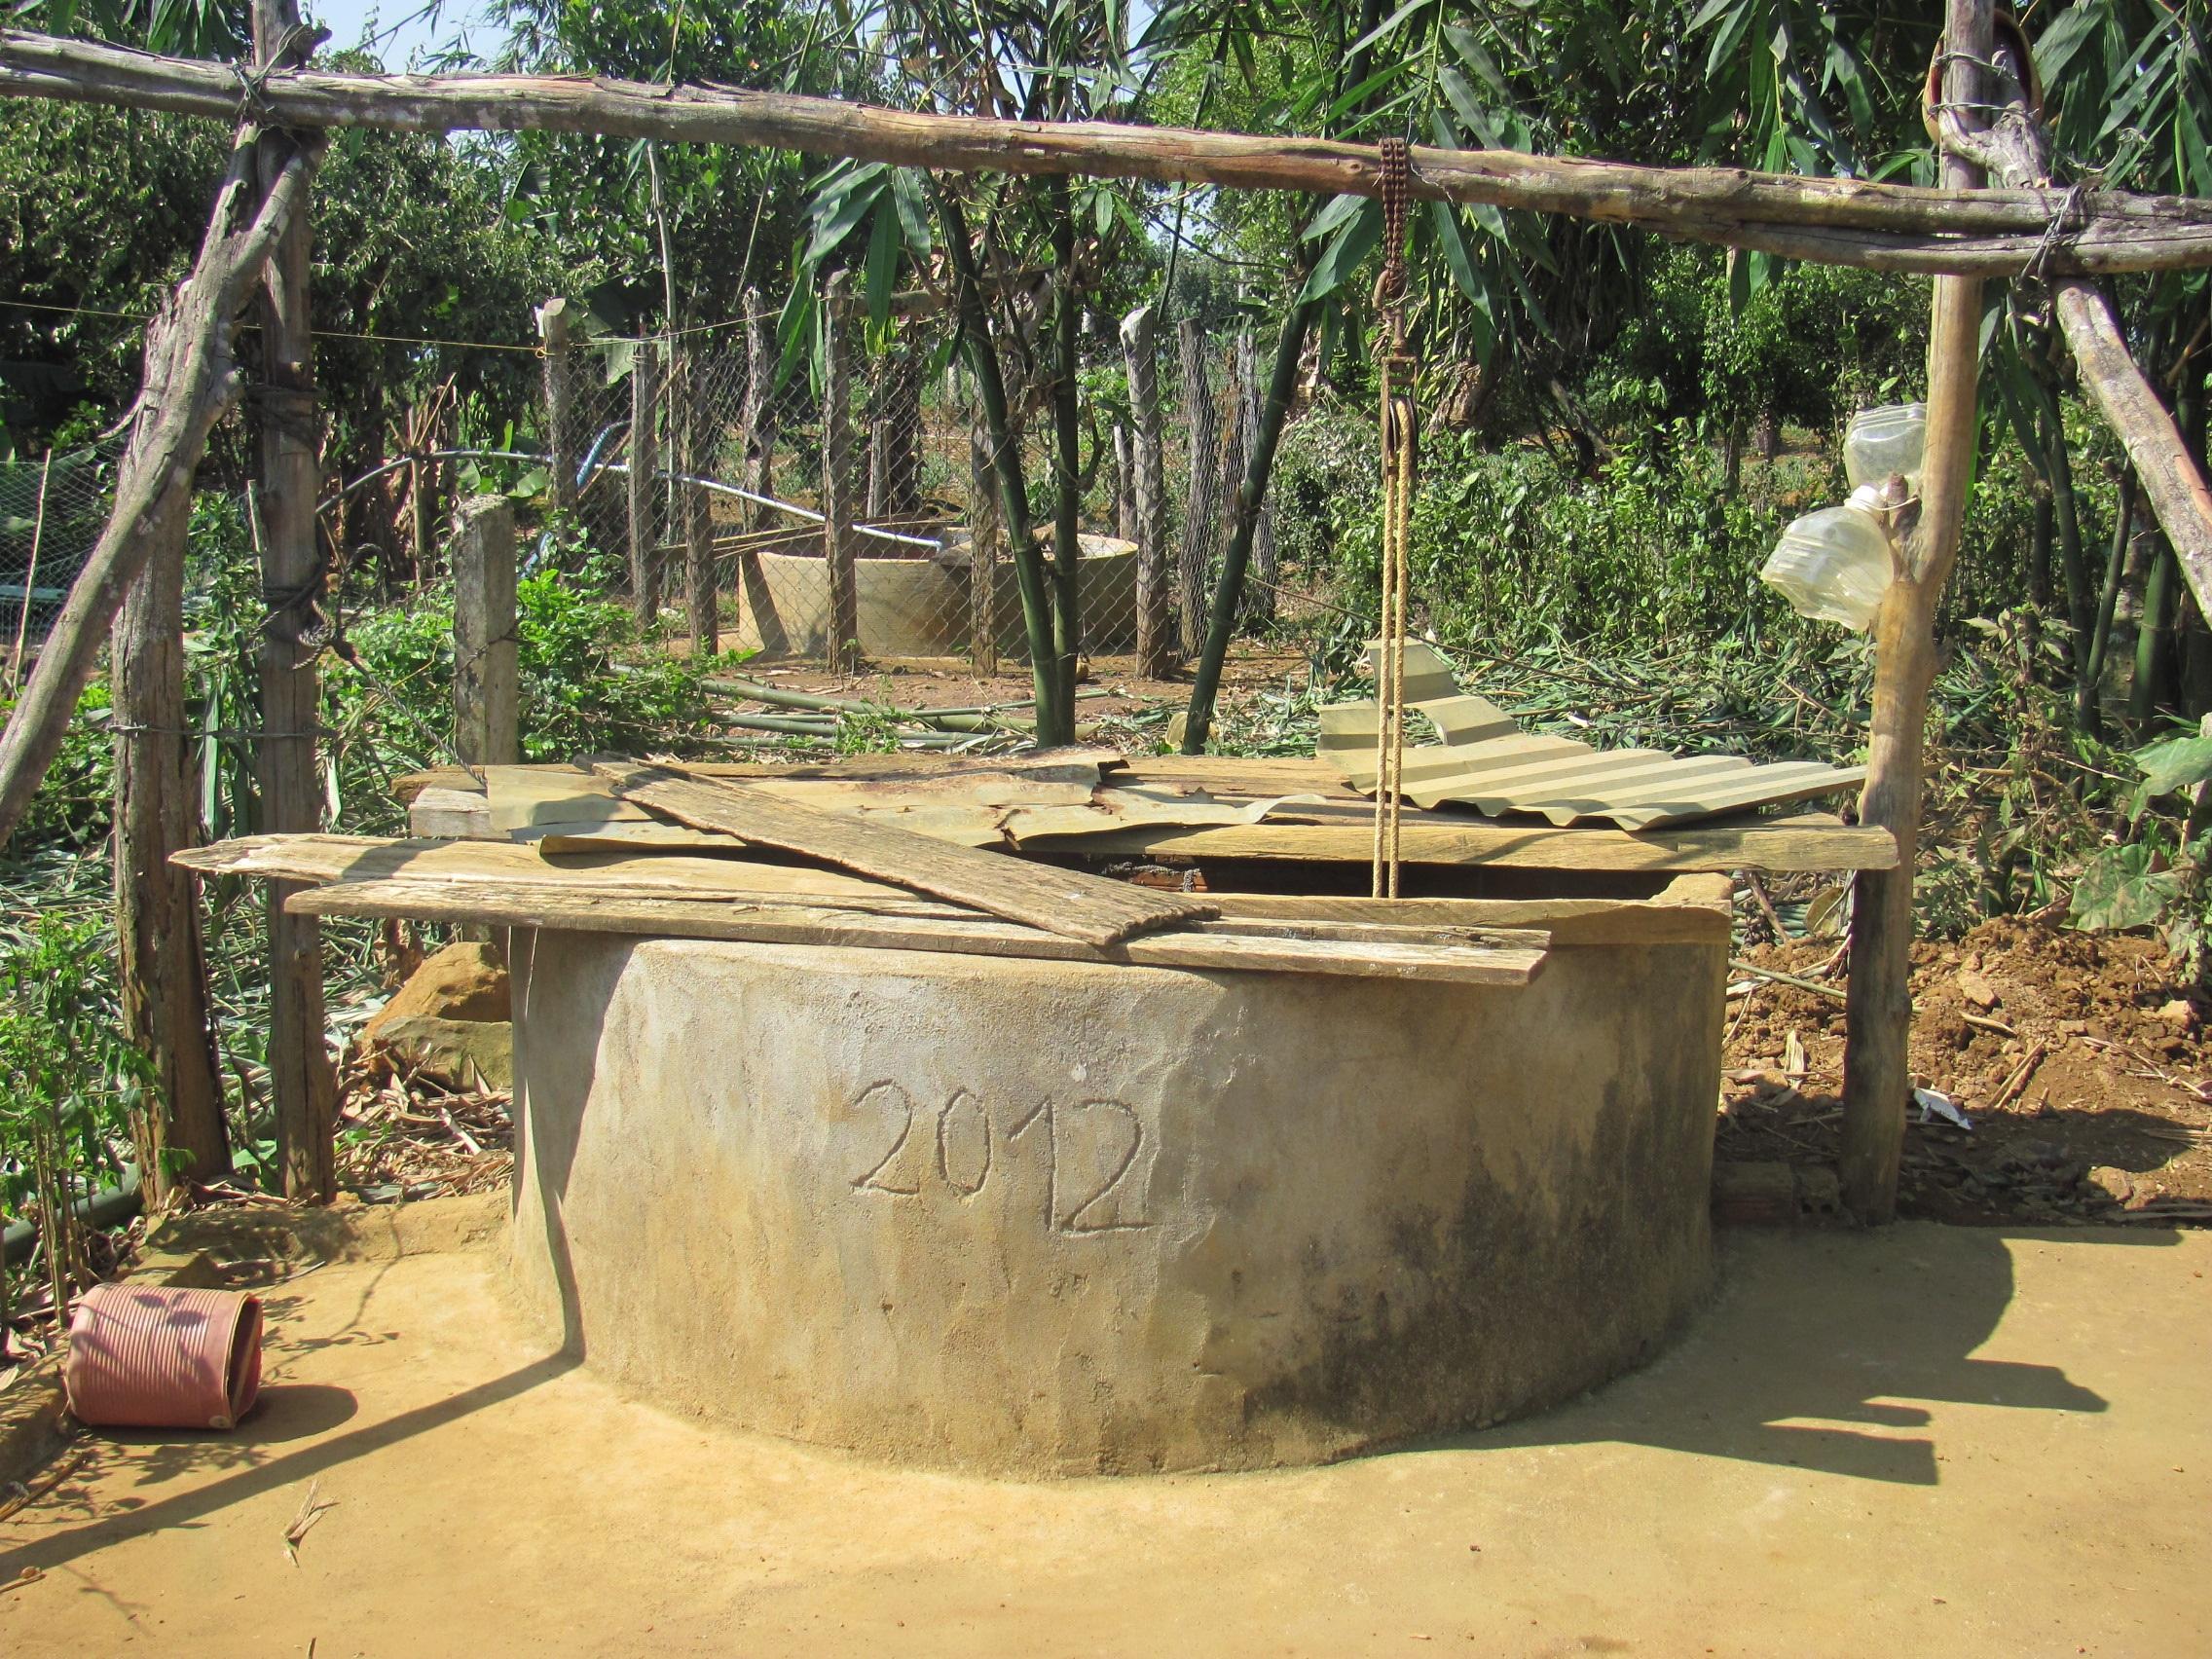 Dù mới đầu mùa hè, có giếng đã không còn giọt nước nào, khiến hàng trăm hộ dân lao đao